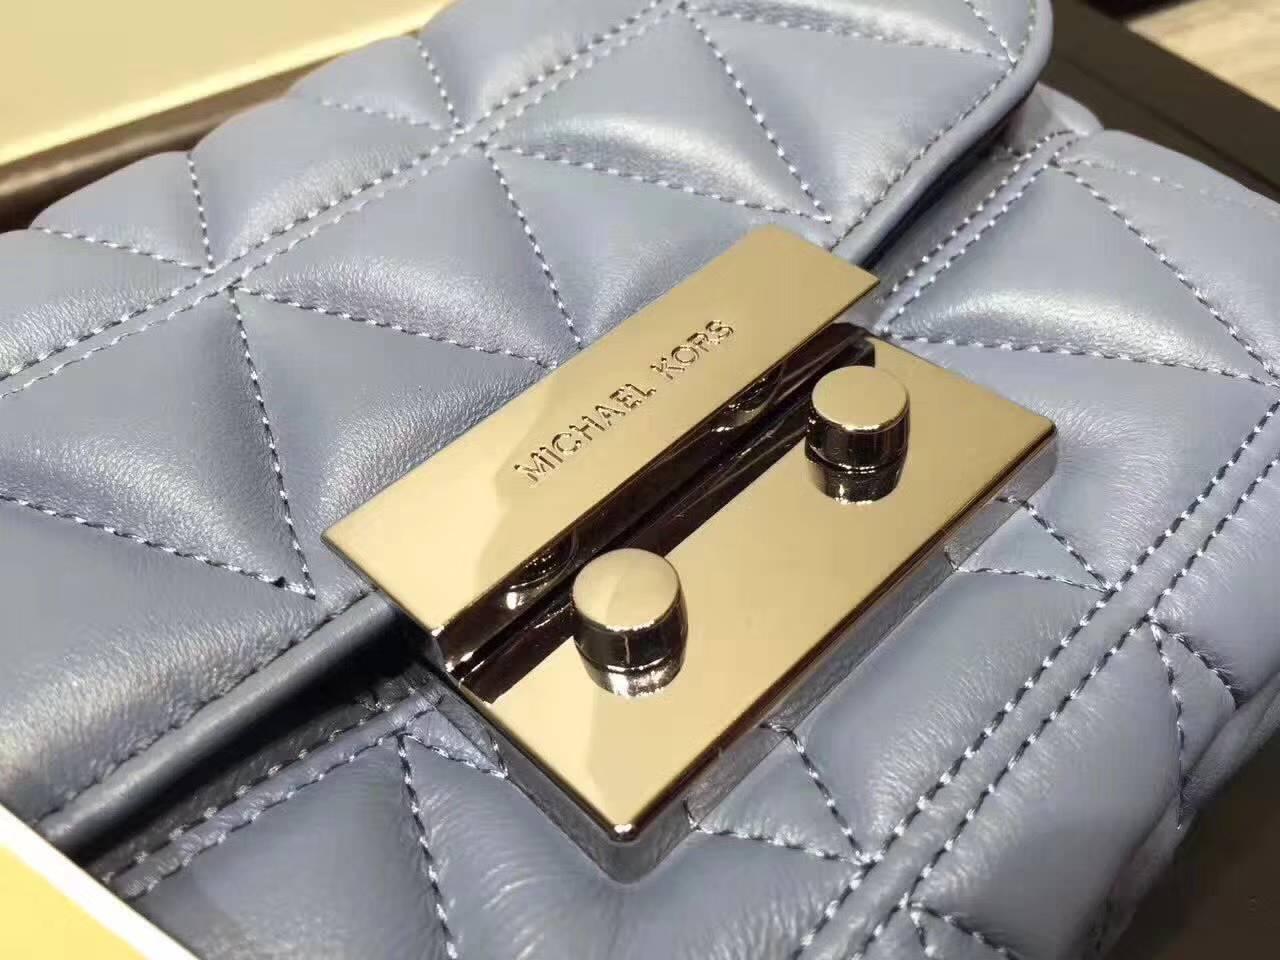 真皮包包批发 MK秋冬新款女包 迈克科尔斯蓝色原版羊皮包小号21CM